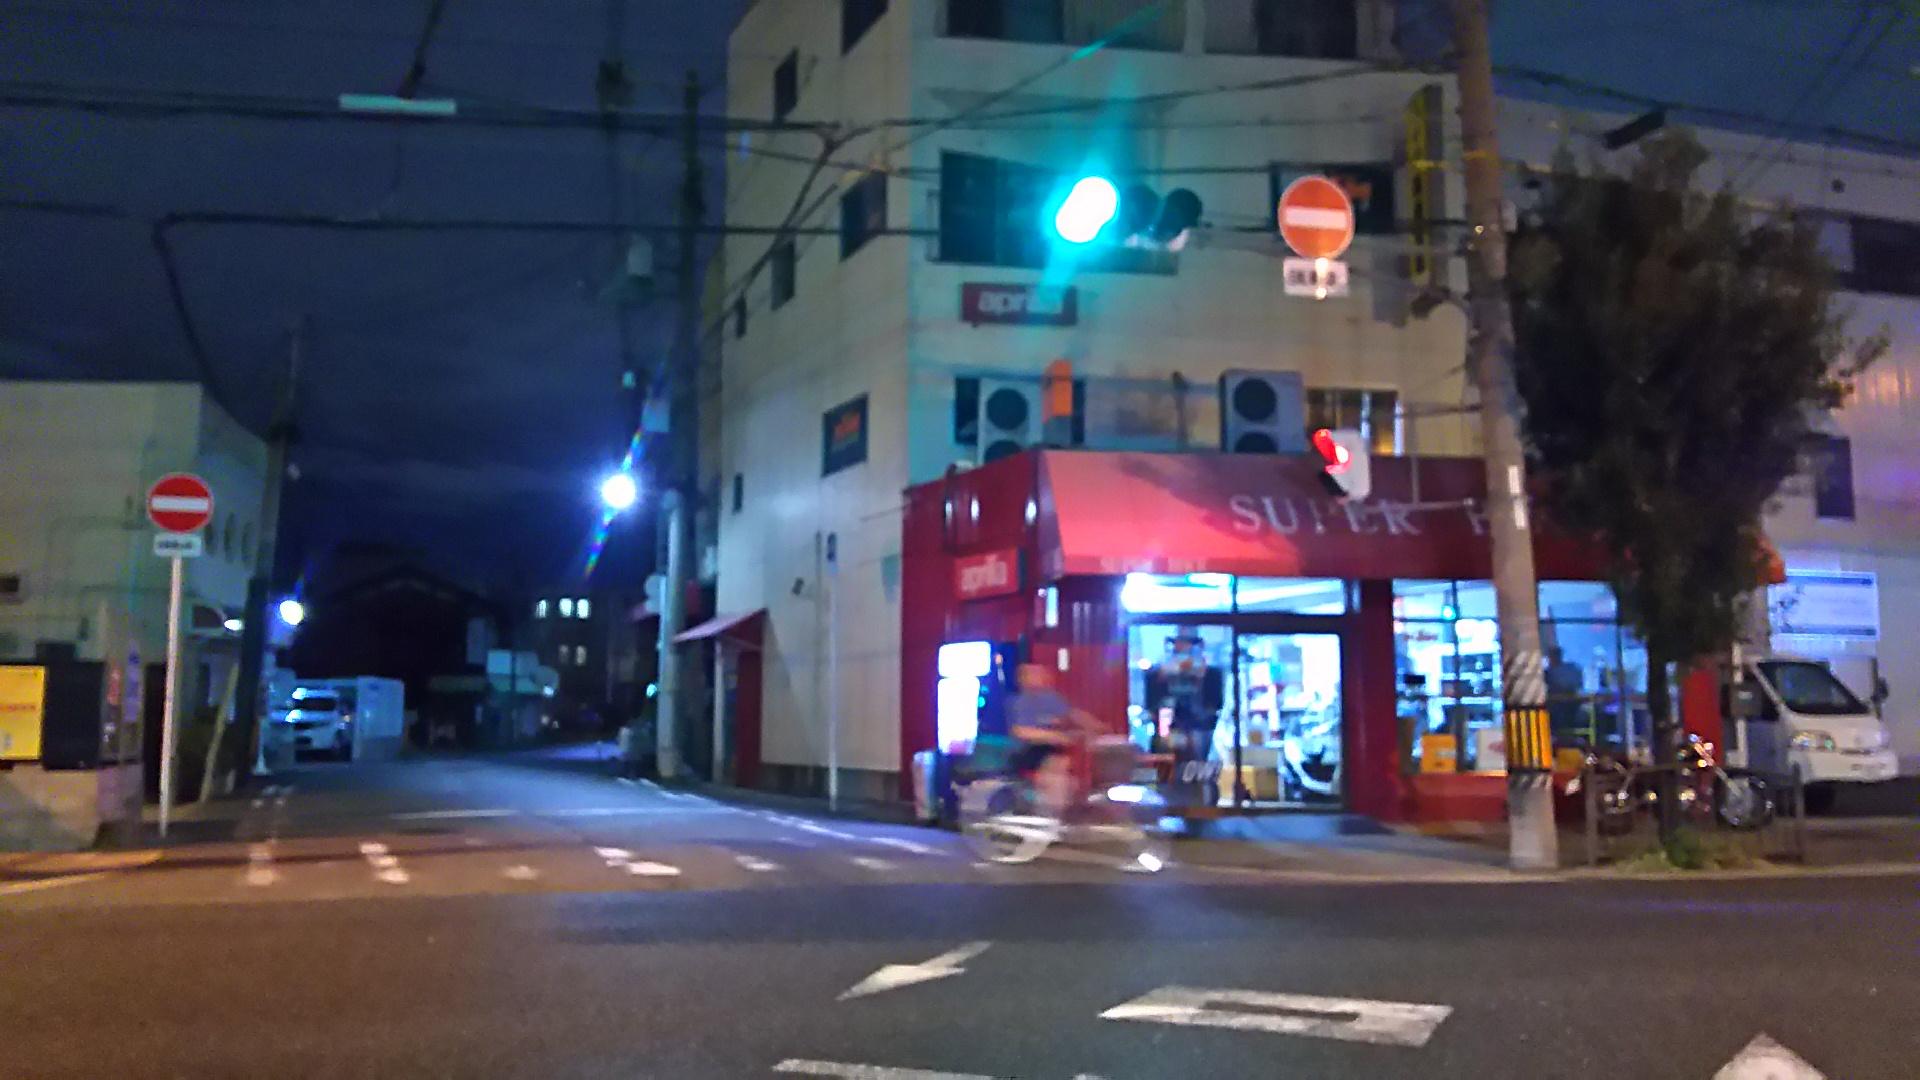 セブンイレブン 大阪加島3丁目店 に向かう交差点 北側を向いて